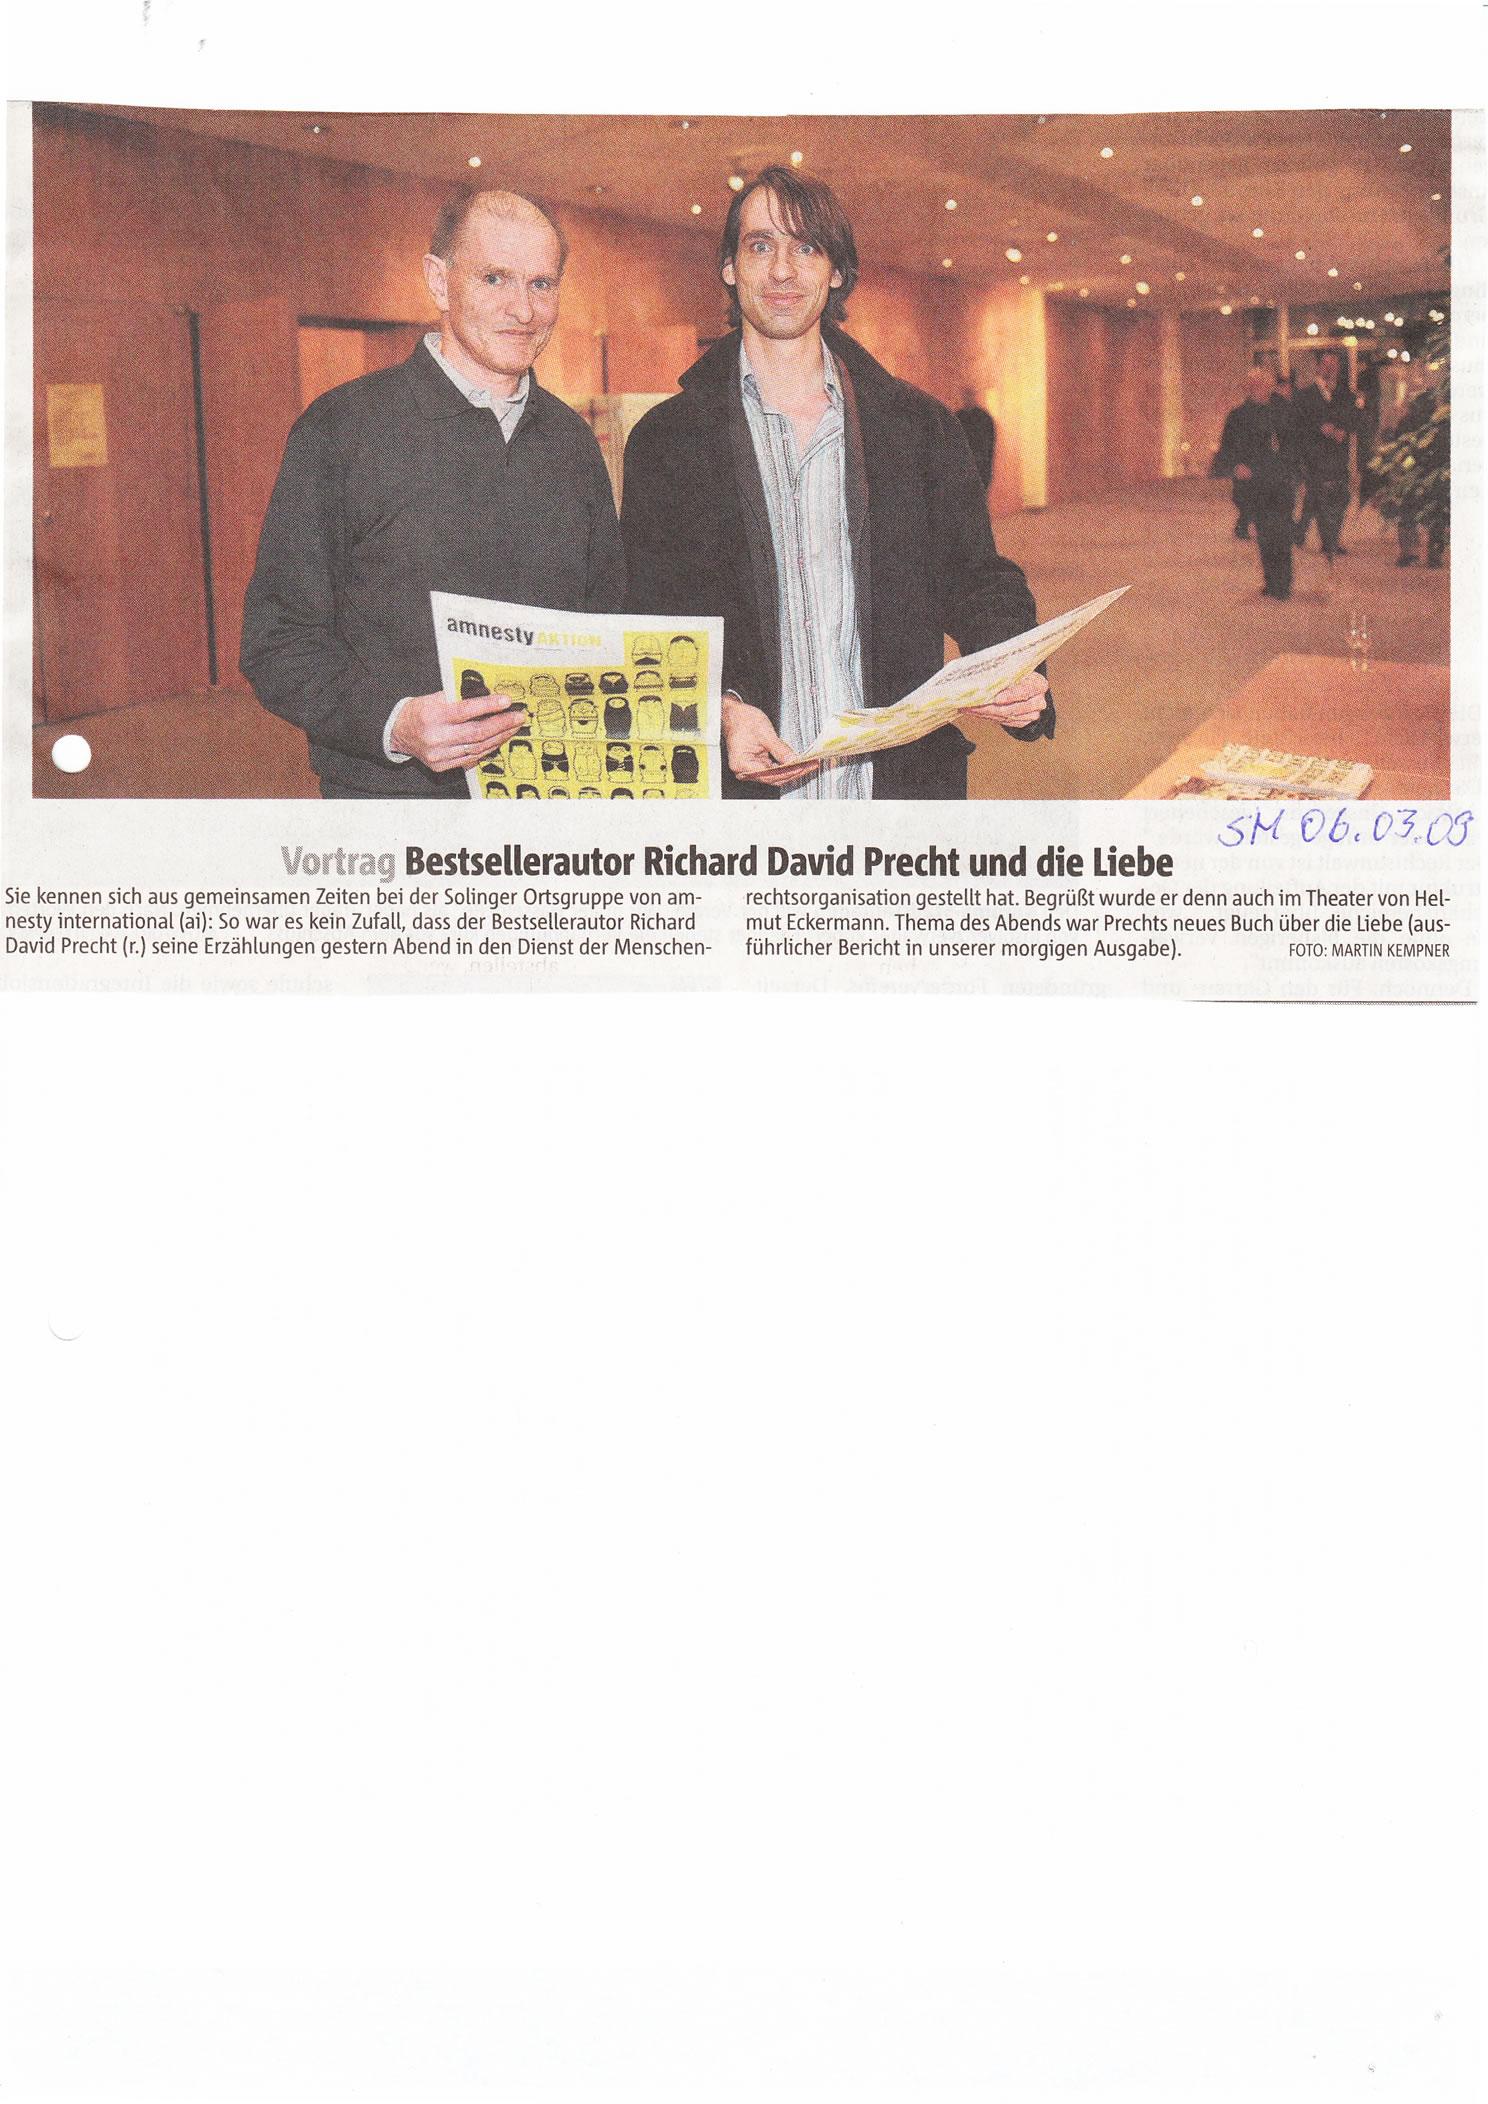 Solinger Morgenpost 03/09: Foto Lesung Richard David Precht